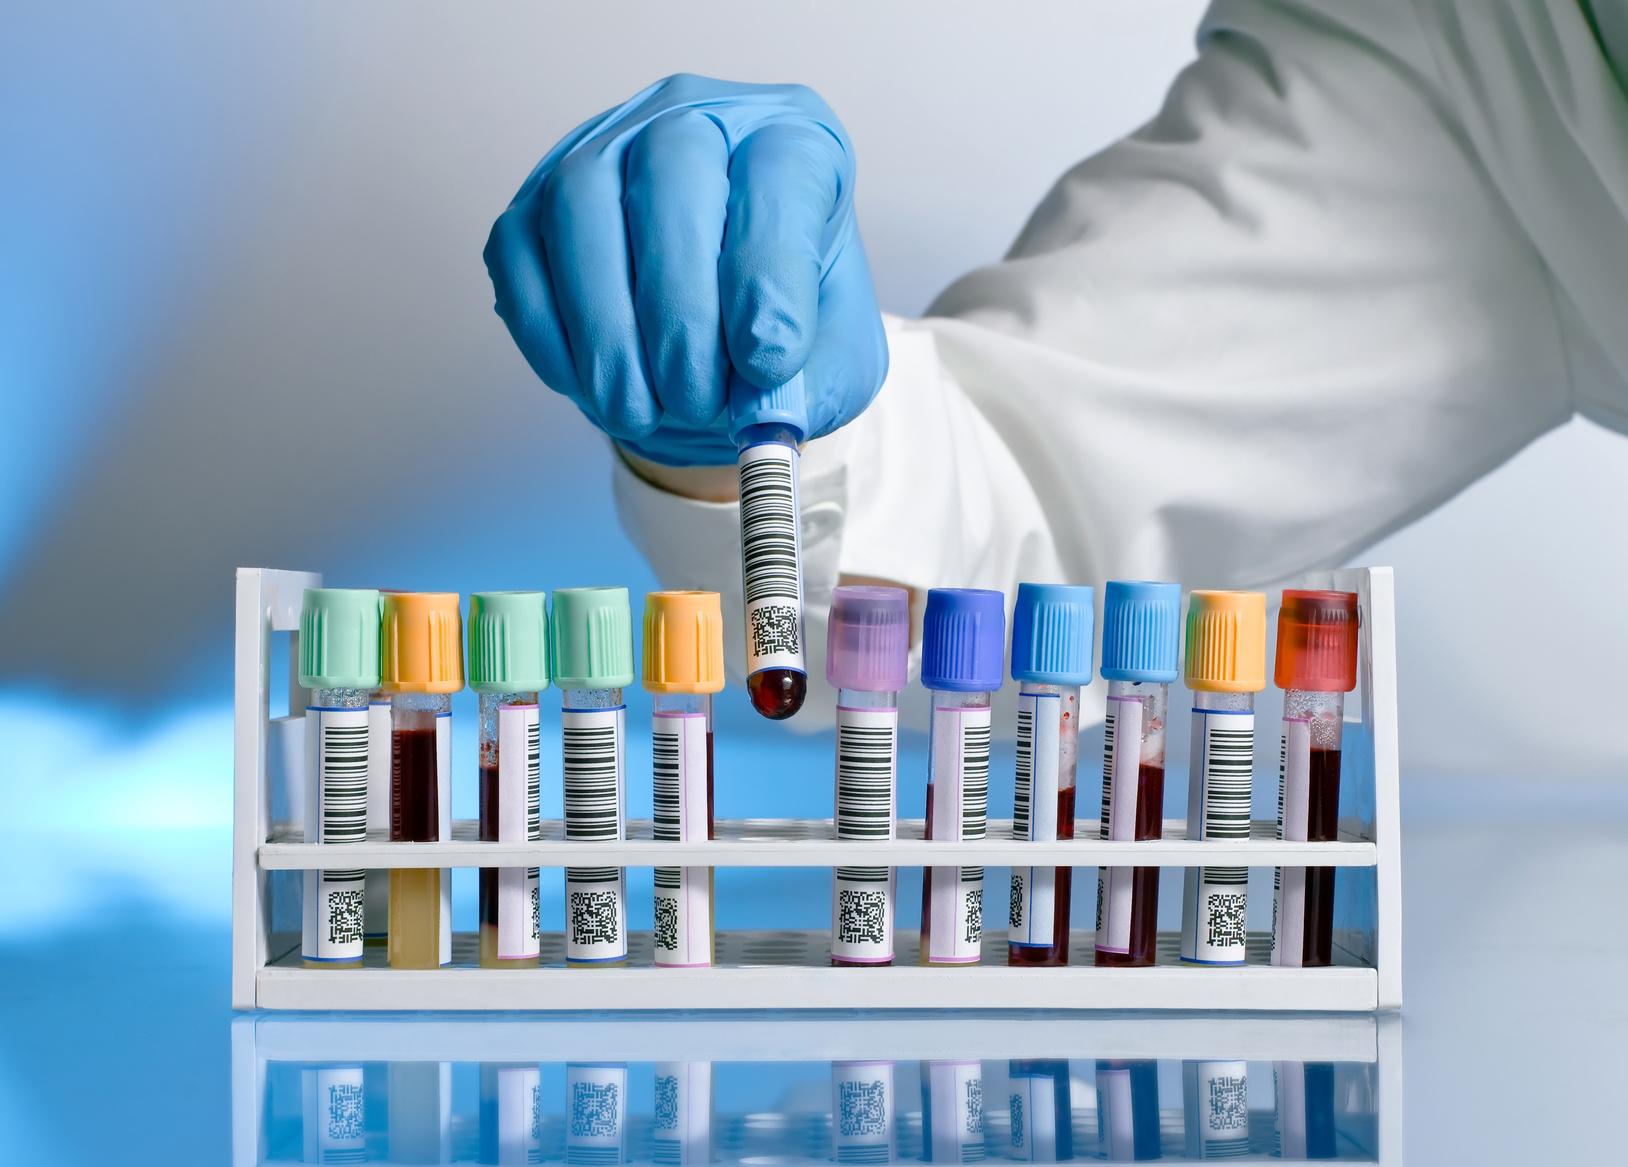 verschlossene und mit einem Barcode-Aufkleber versehene Plastikgefäße mit Blutproben in einem Ständer, ein Mensch im weißen Kittel und mit Gummihandschuhen nimmt ein Gefäß aus dem Ständer